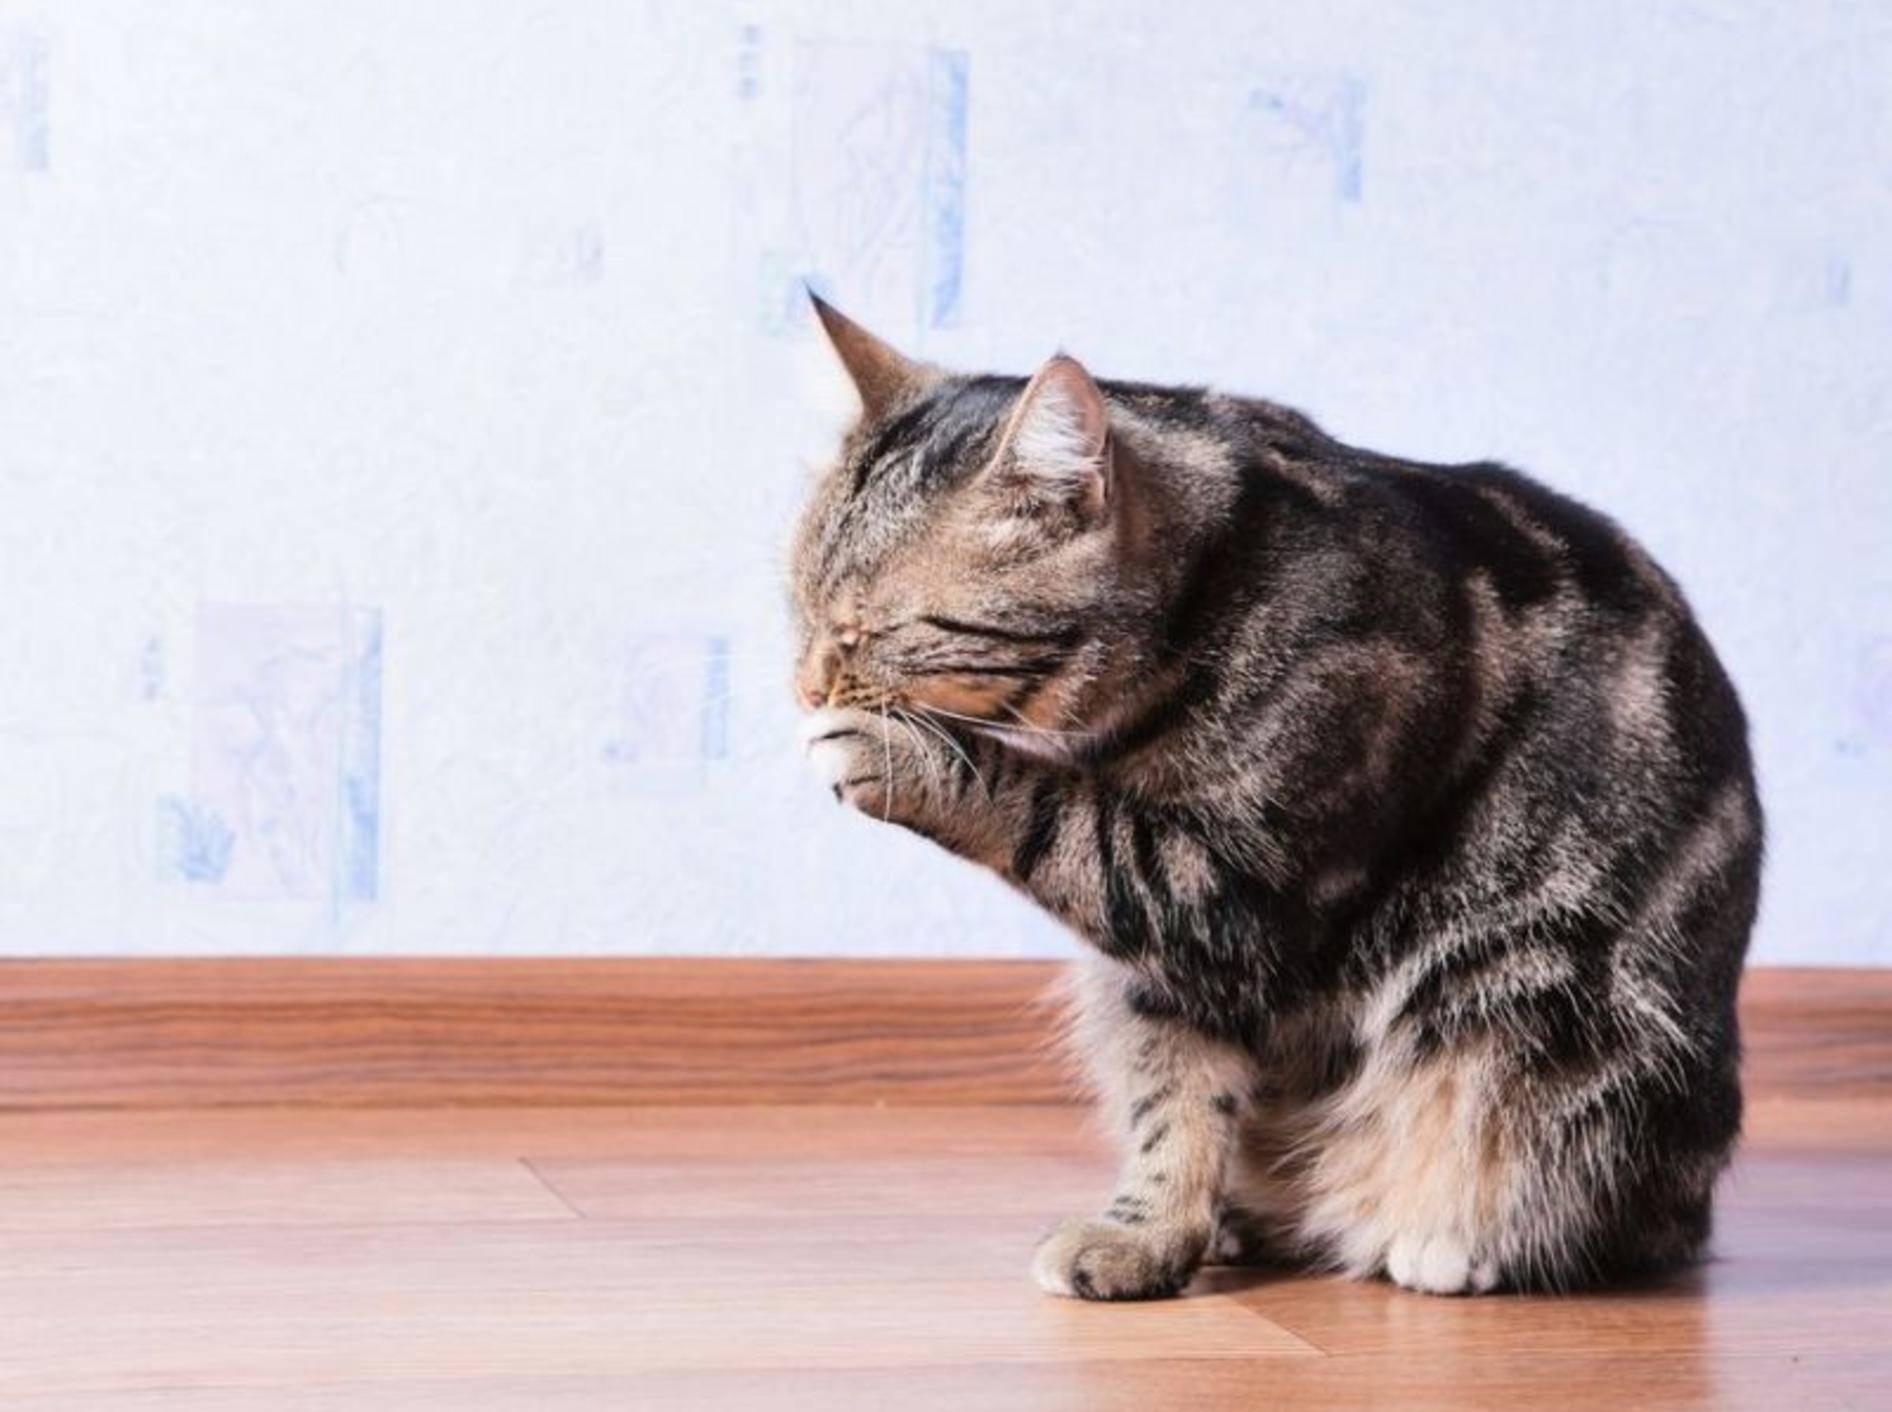 Bei unseren Stubentigern fällt die Katzenwäsche gründlicher aus als bei uns Menschen – Bild: Shutterstock / REDSTARSTUDIO